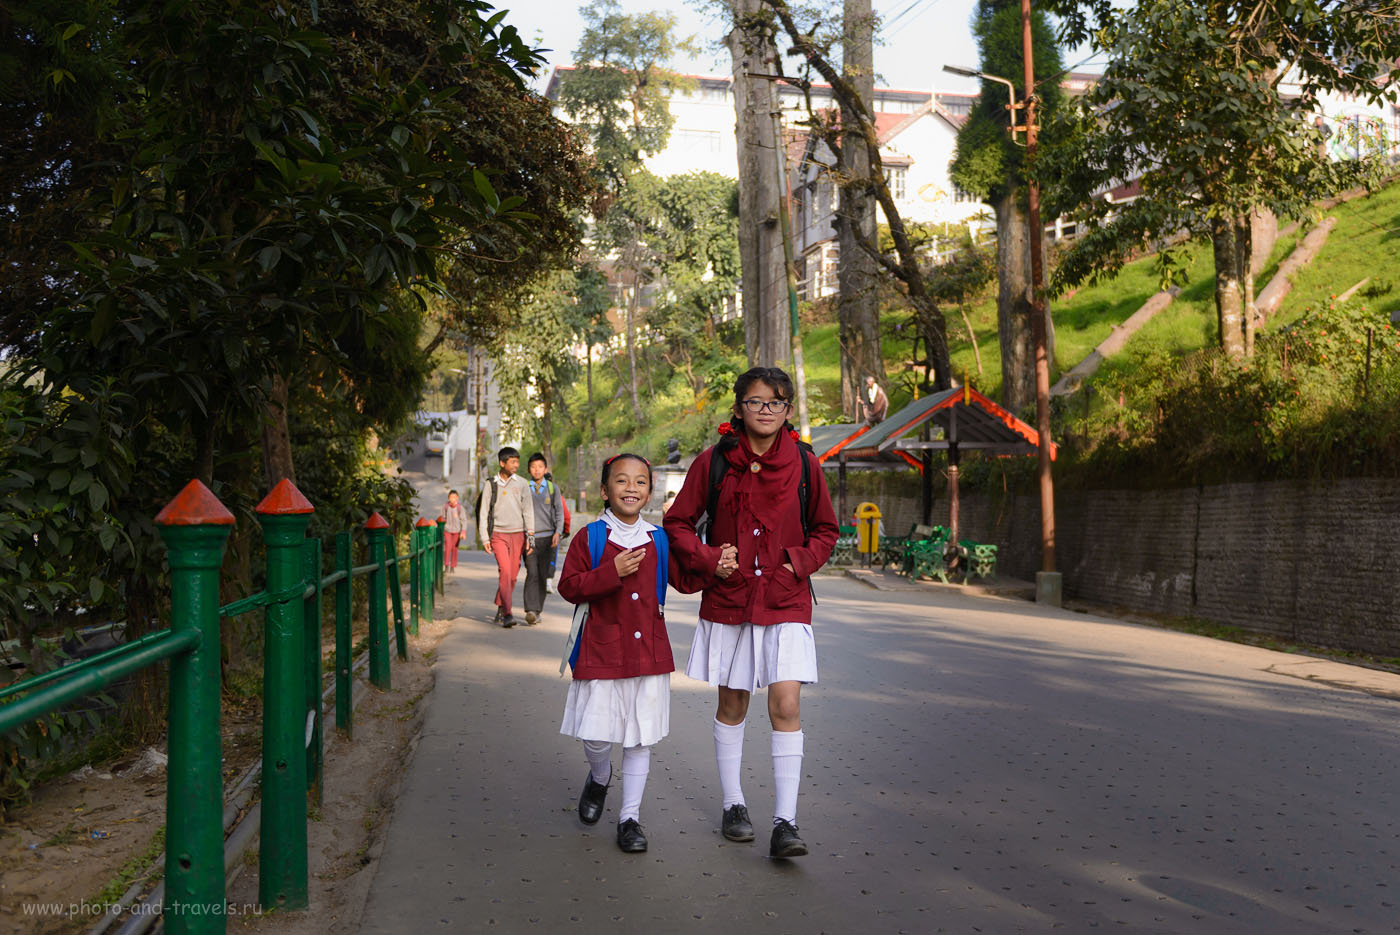 Фото 5. Отчет о поездке в Дарджилинг. Рассказы о самостоятельном отдыхе в Индии в ноябре 2016. 1/400, 2.8, 160, 32.